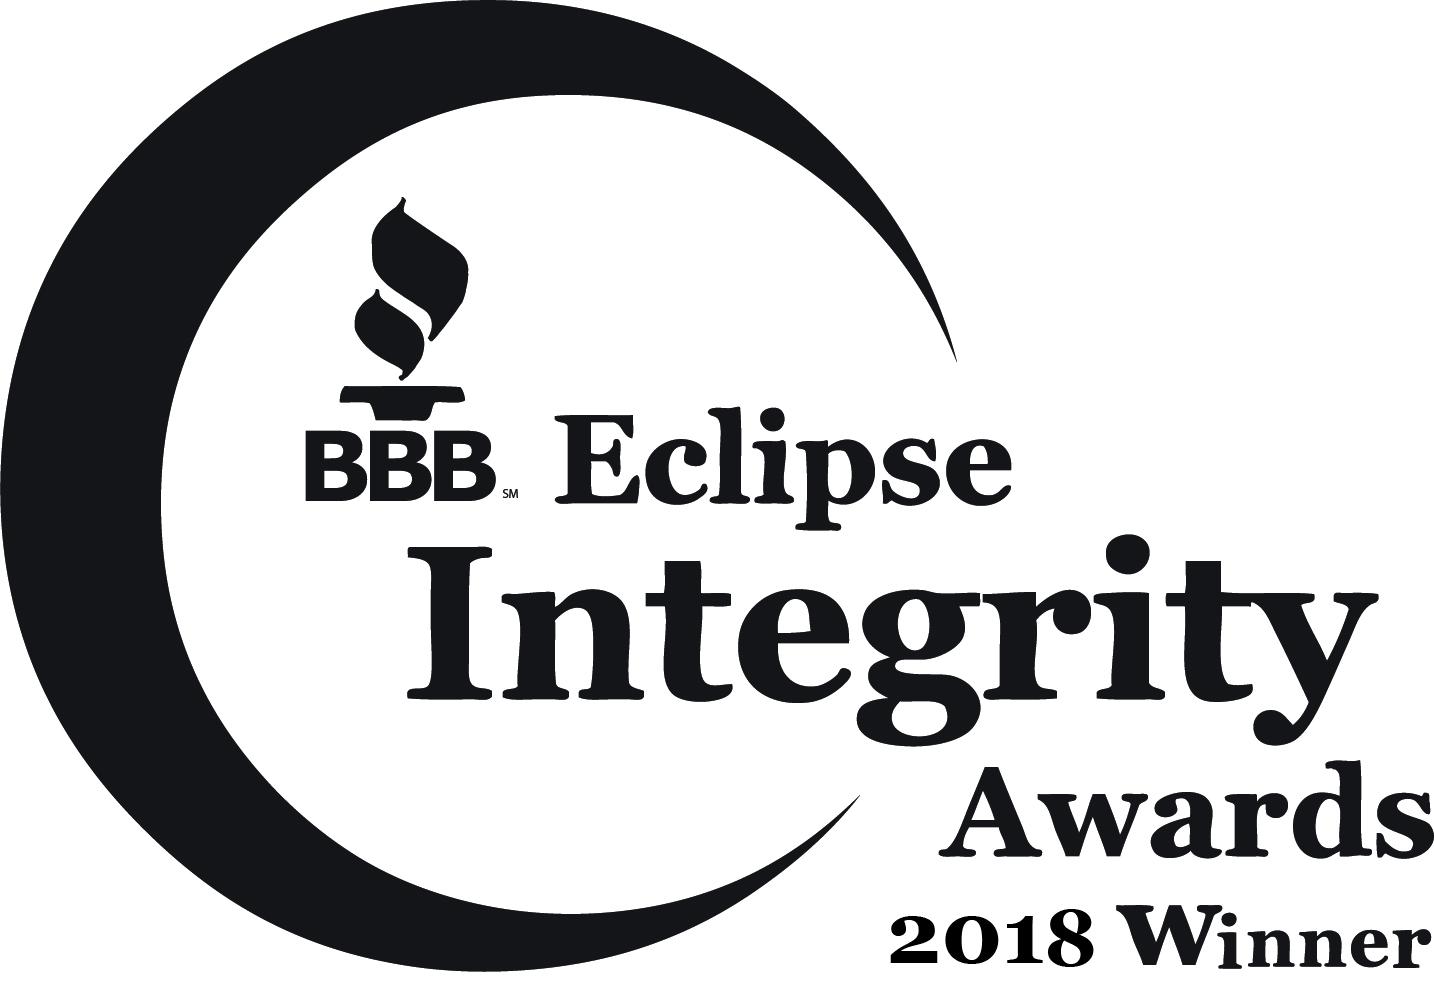 Better Business Bureau's Eclipse Integrity Awards 2018 Winner